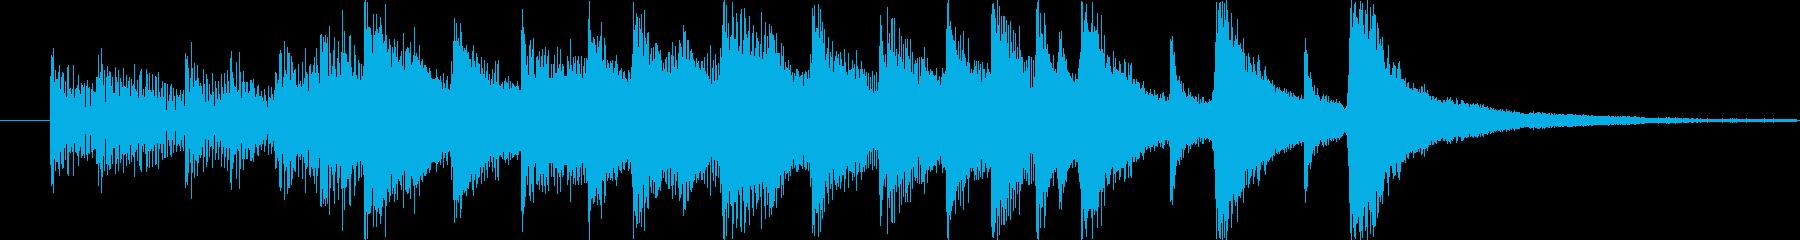 ファンク おしゃれ 燃える テクノ...の再生済みの波形